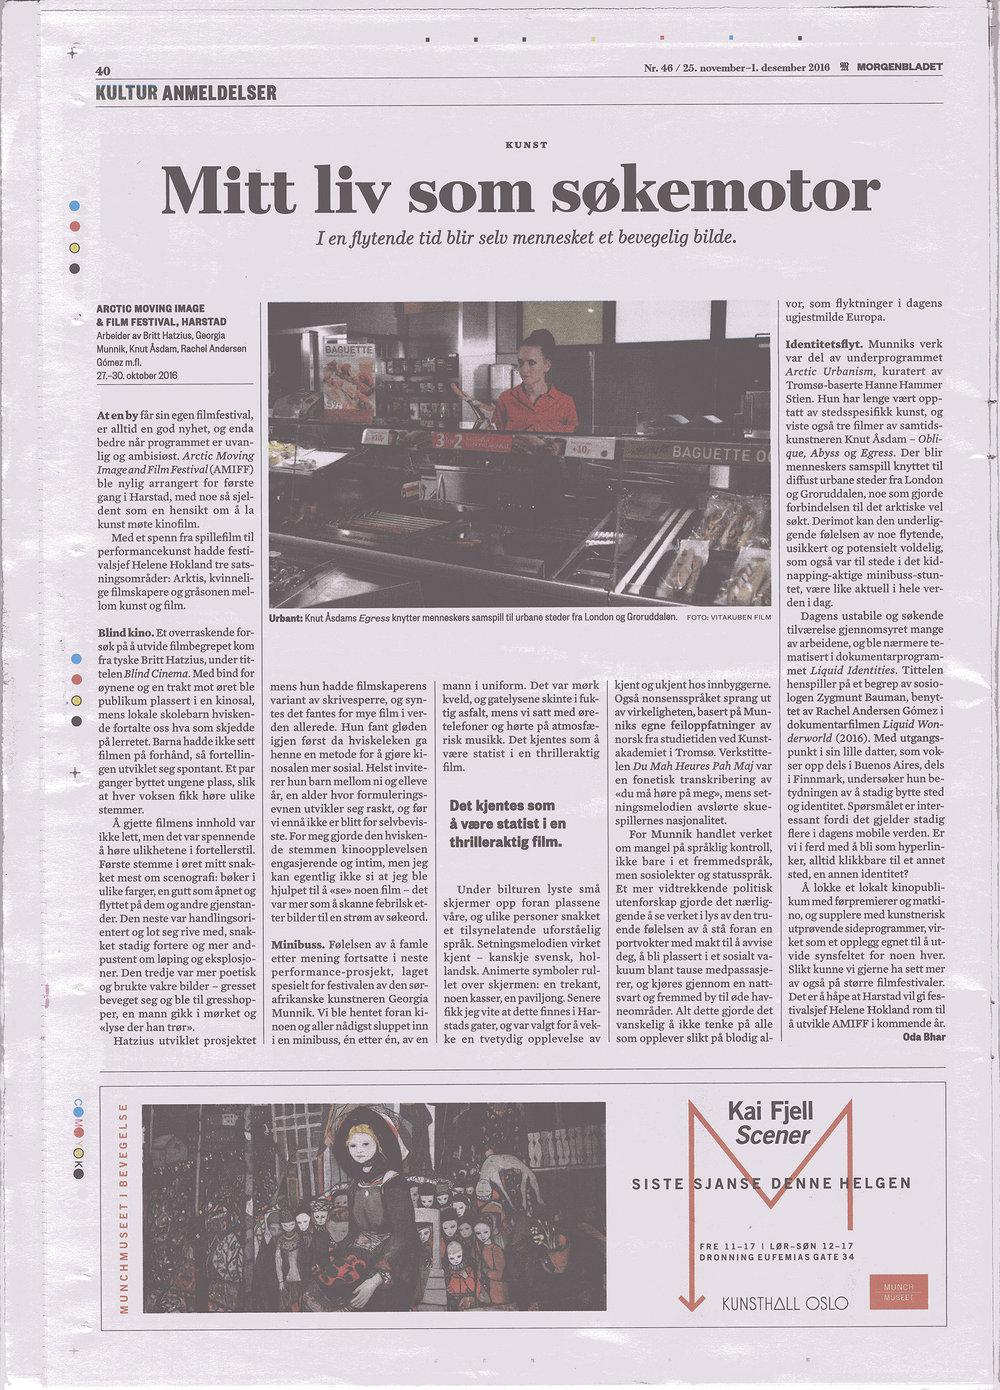 morgenbladetarticle.jpg